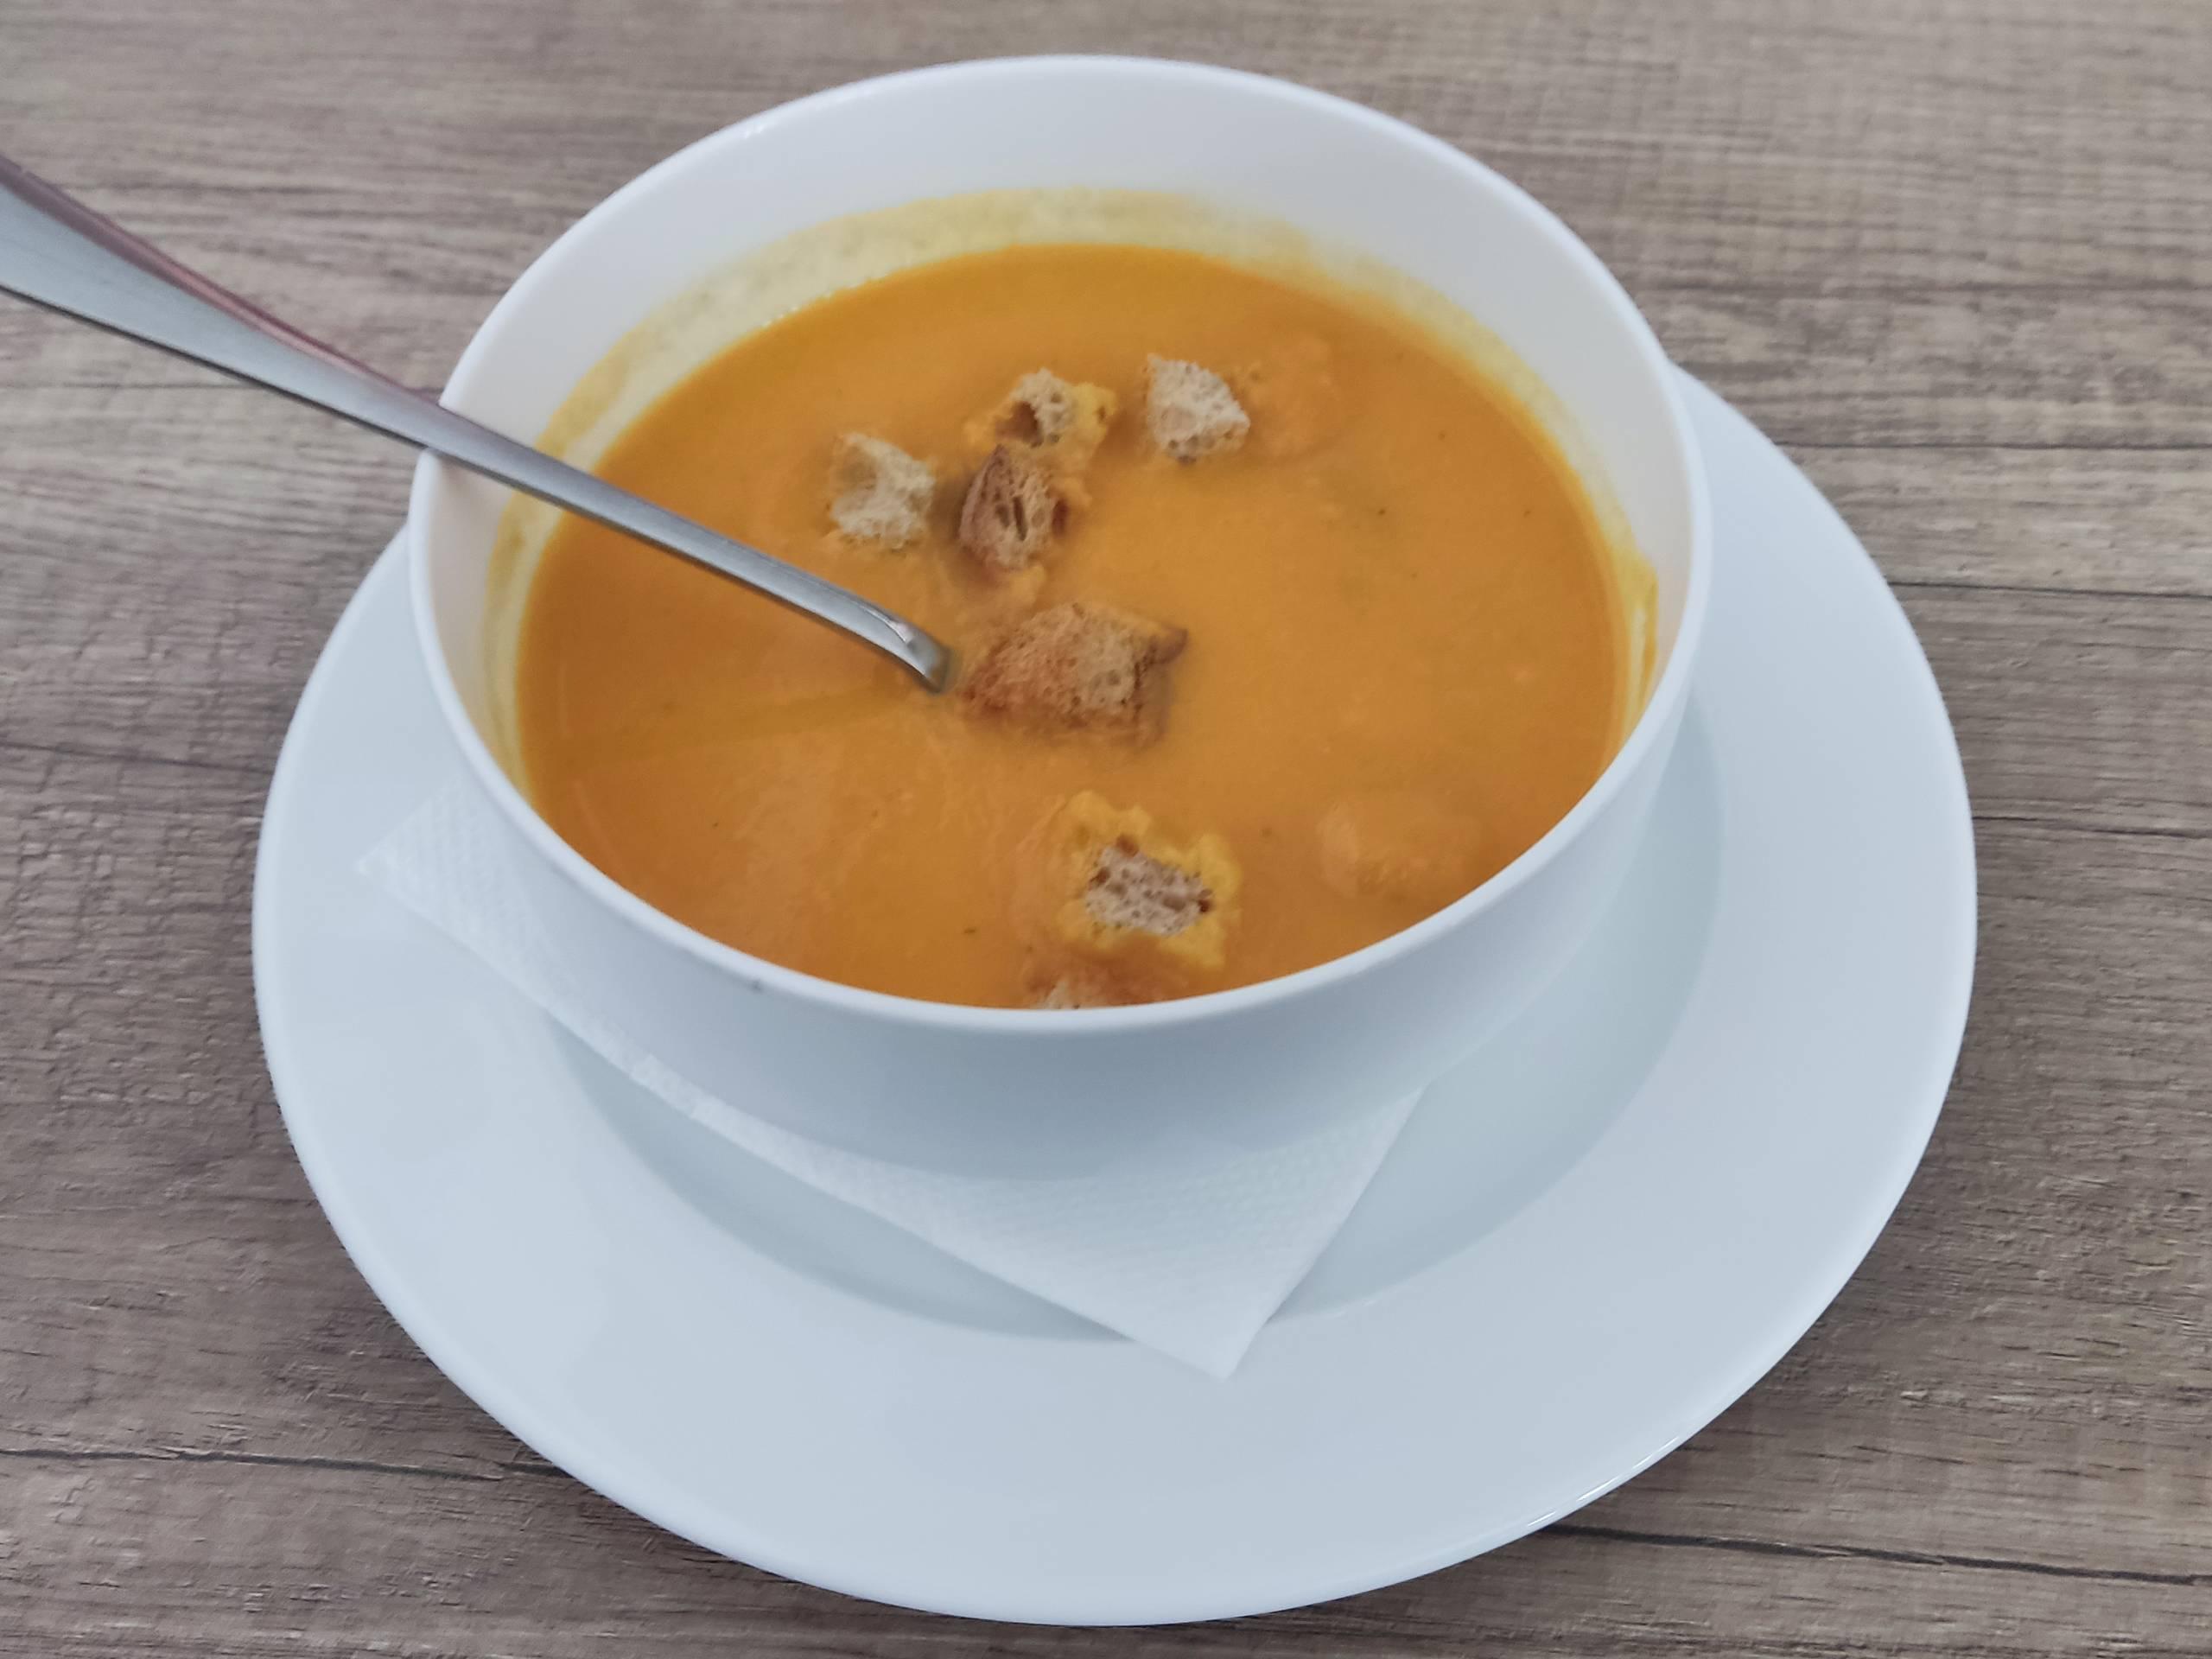 Mrkvová polievka, zázvor, krutóny v miske